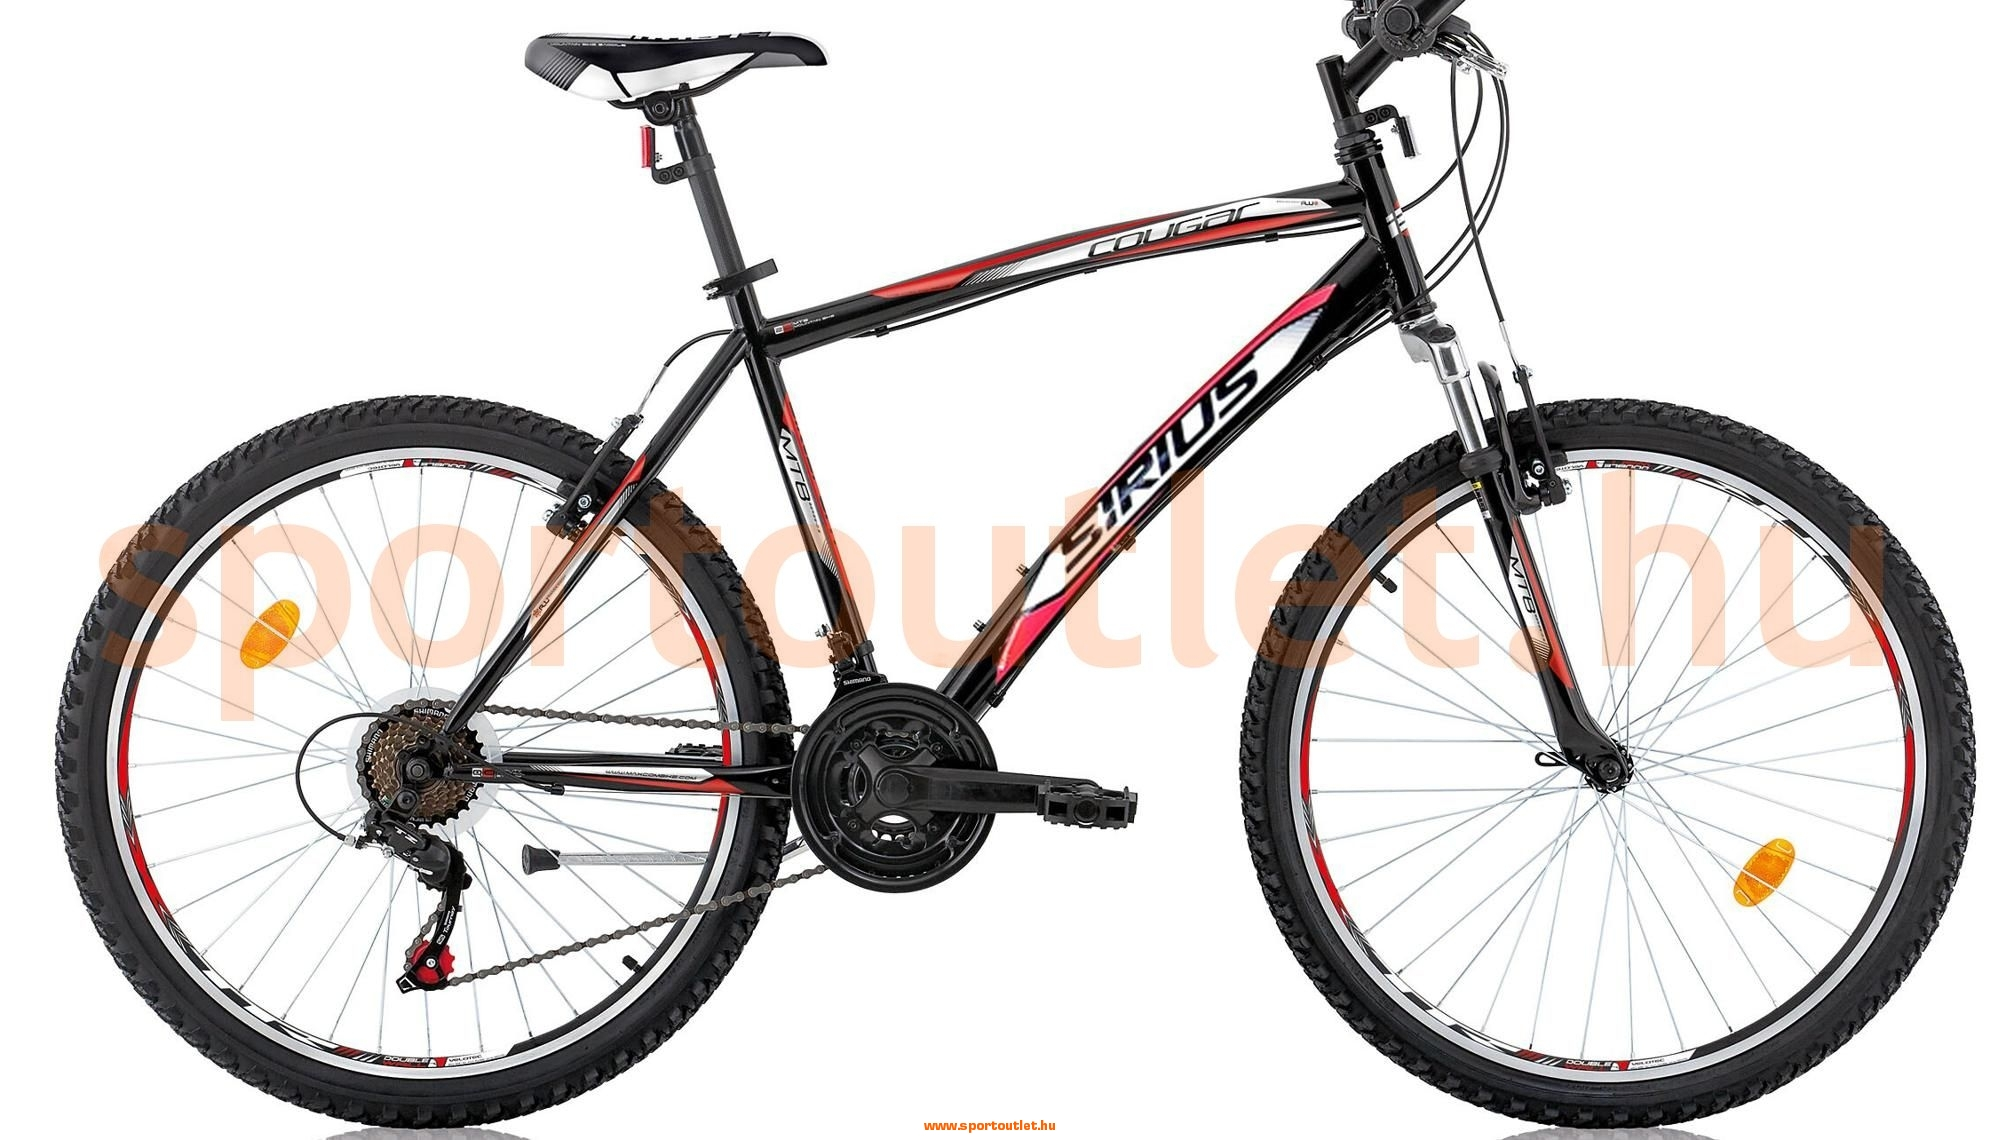 Sirius Cougar FS (Sprint Jaguar) kerékpár